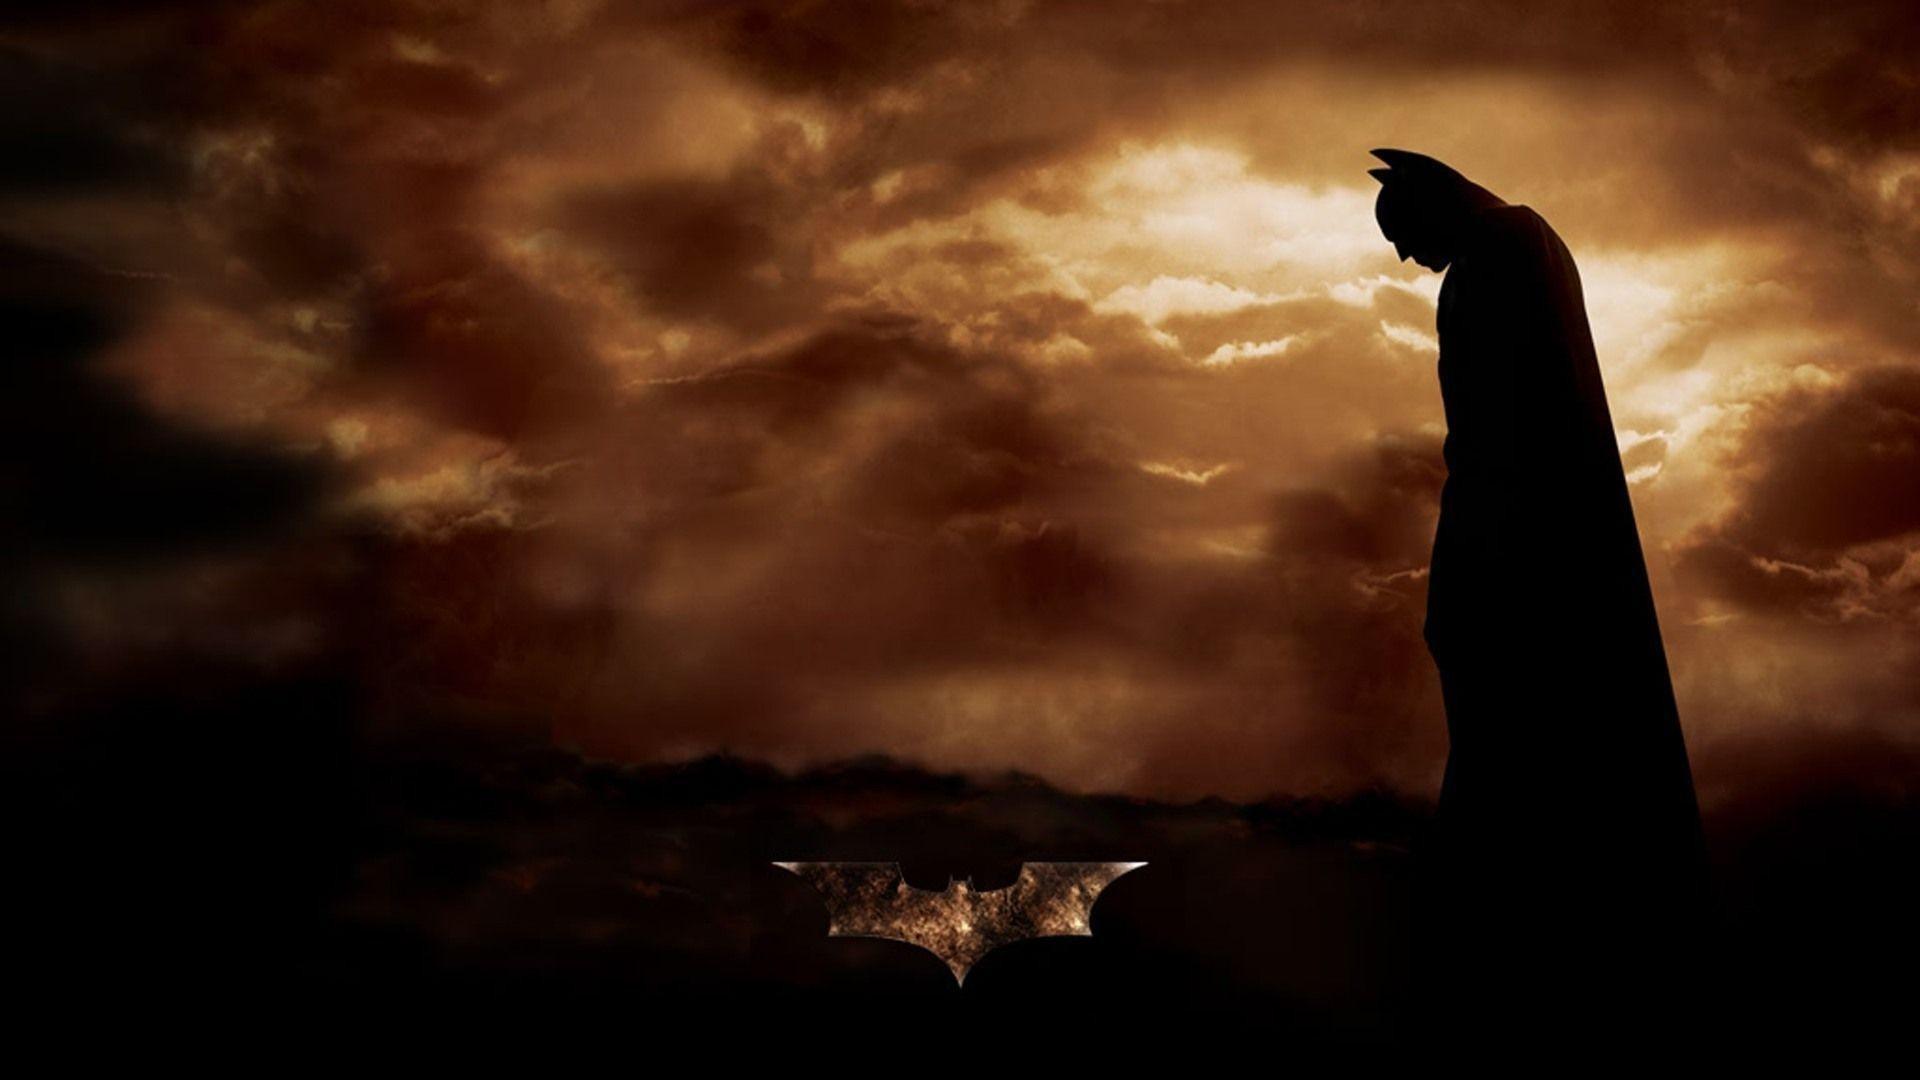 Batman Screensaver : Batman Begins Wallpaper Hd ~ Batman Begins .